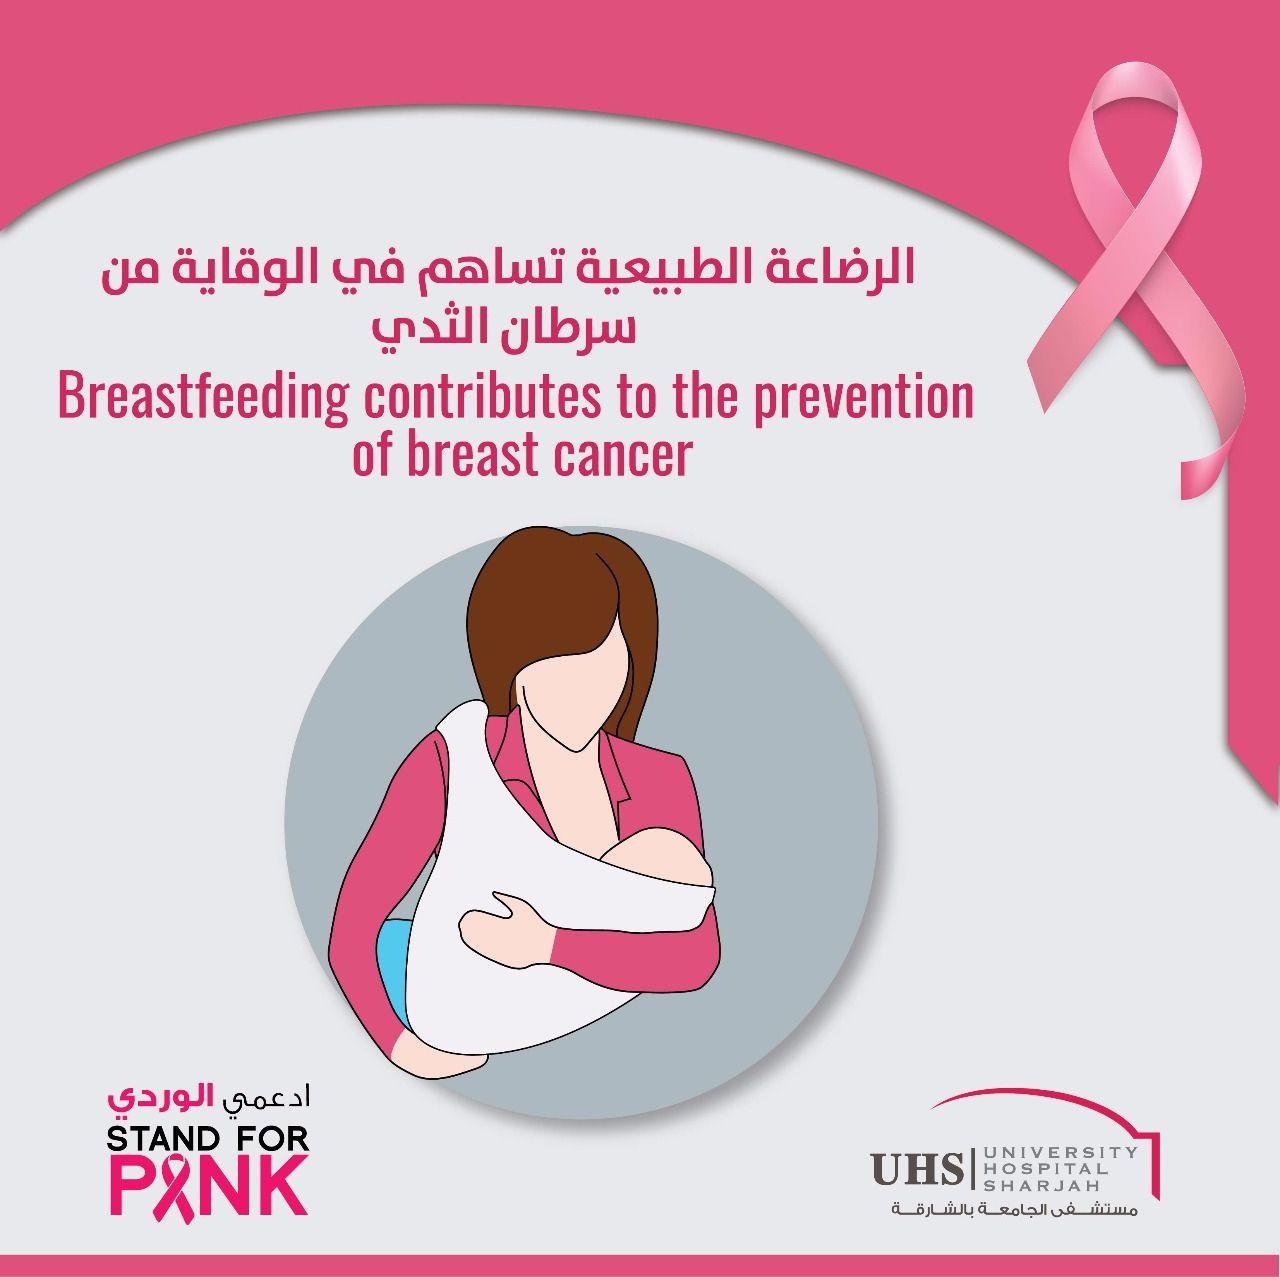 مدة الرضاعة الطبيعية لحديثي الولادة بالتفصيل ماميتو